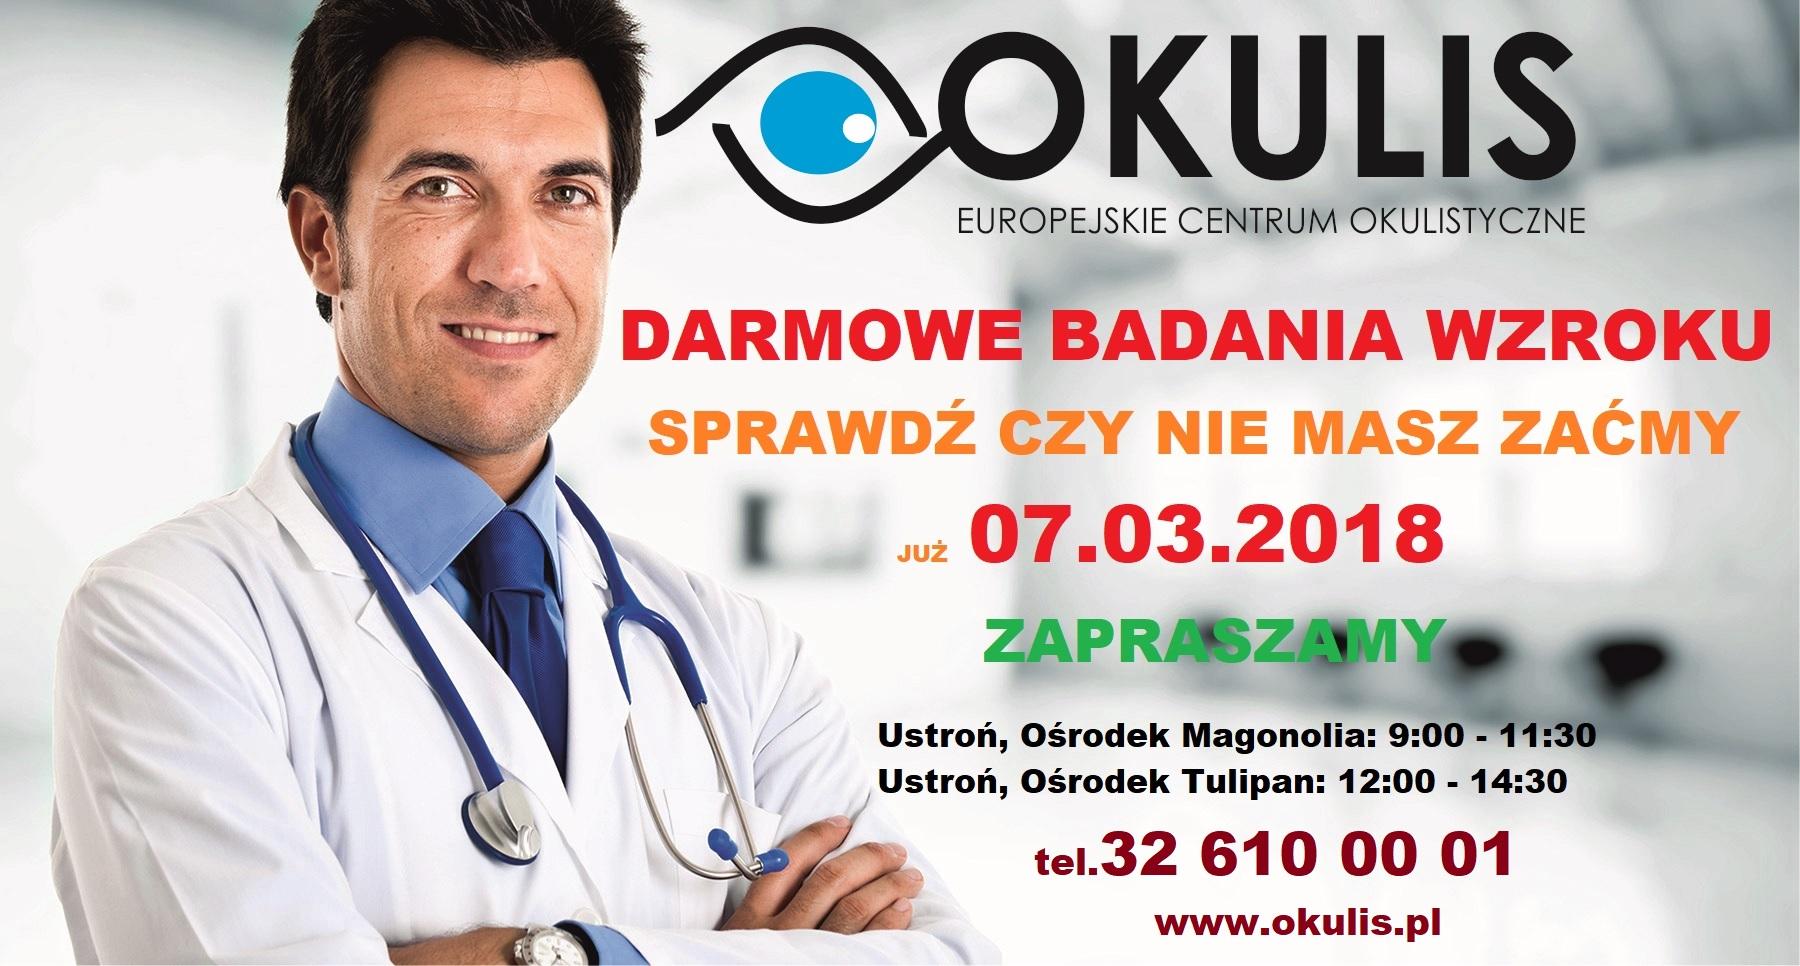 DARMOWE BADANIA_USTROŃ (2)